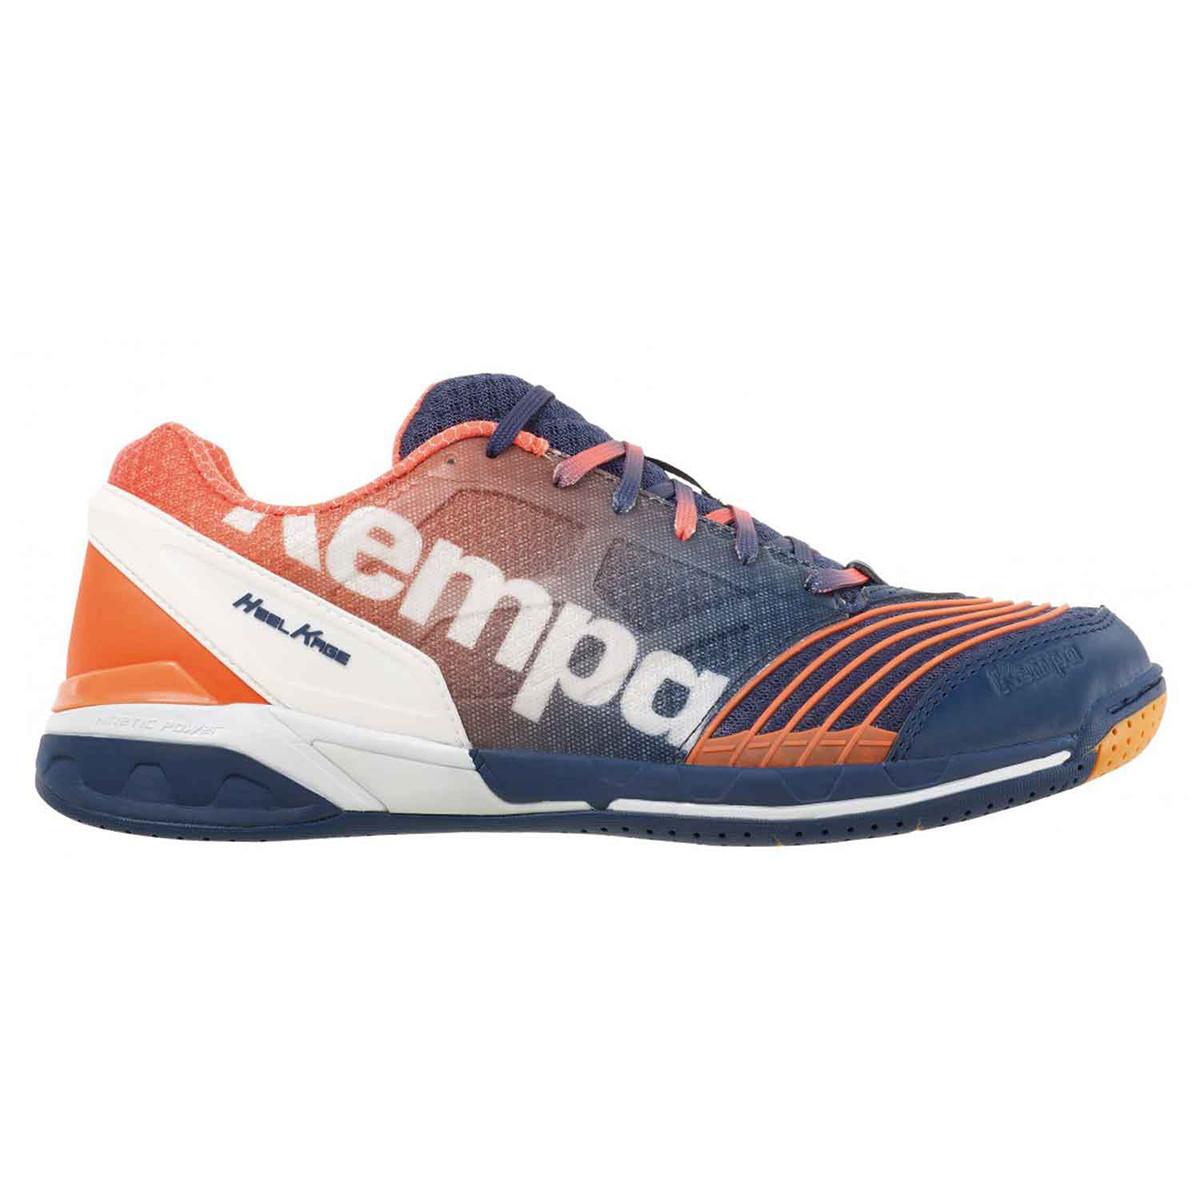 Chaussures cher pas KEMPA Homme Hand BLEU de One Chaussure Attack xw6OSqTaS